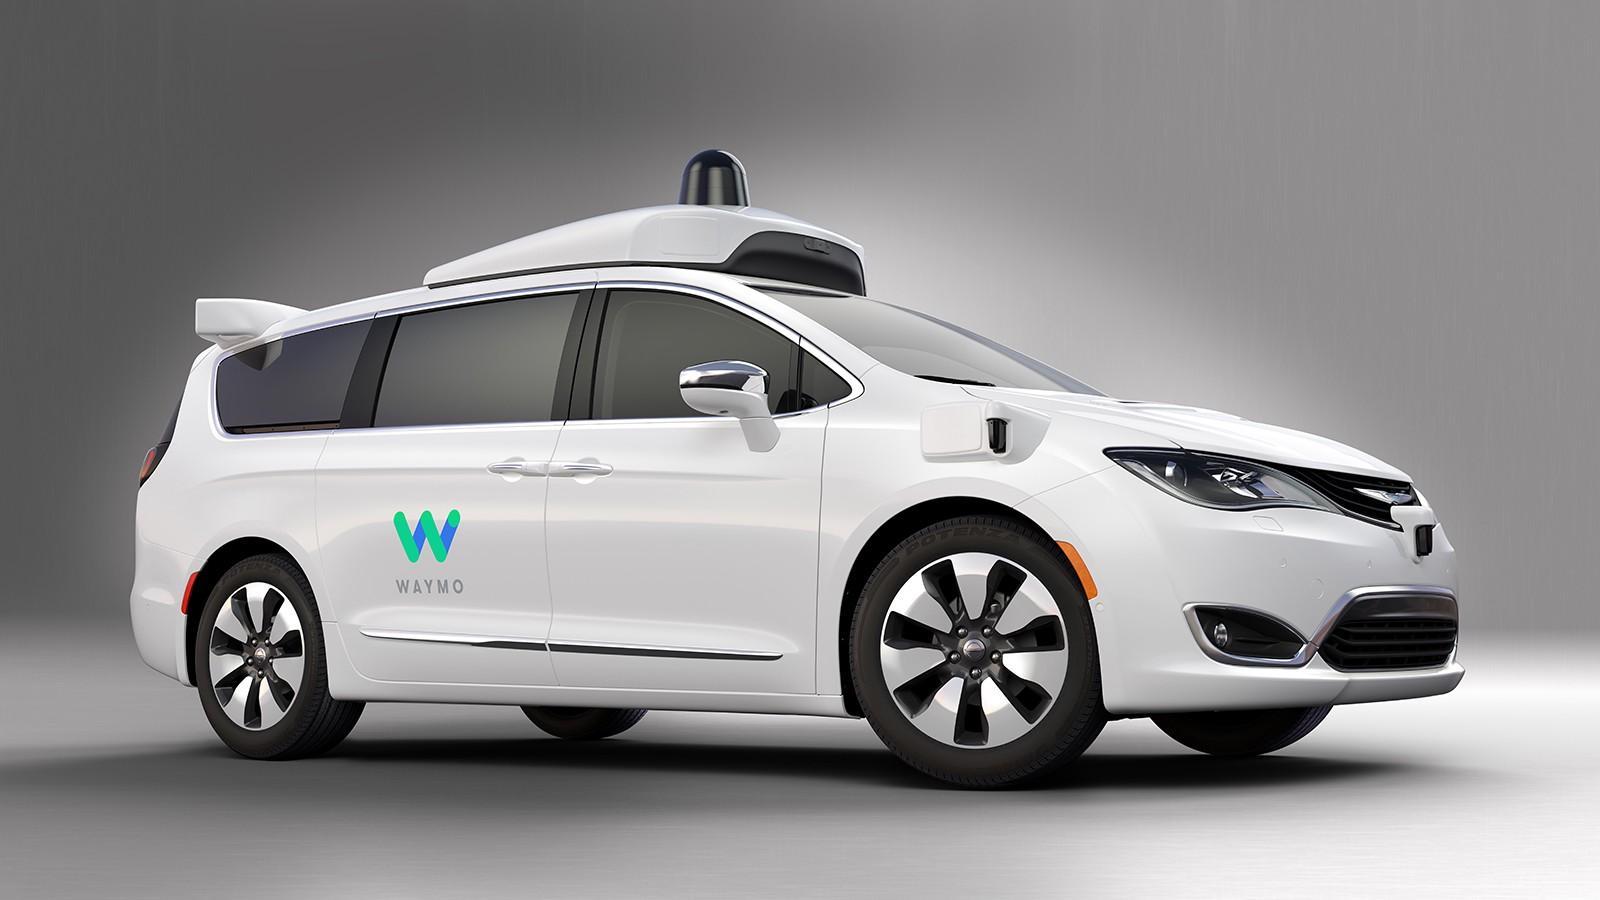 Imponujące tempo. Samochody Google'a już prawie nie potrzebują kierowców